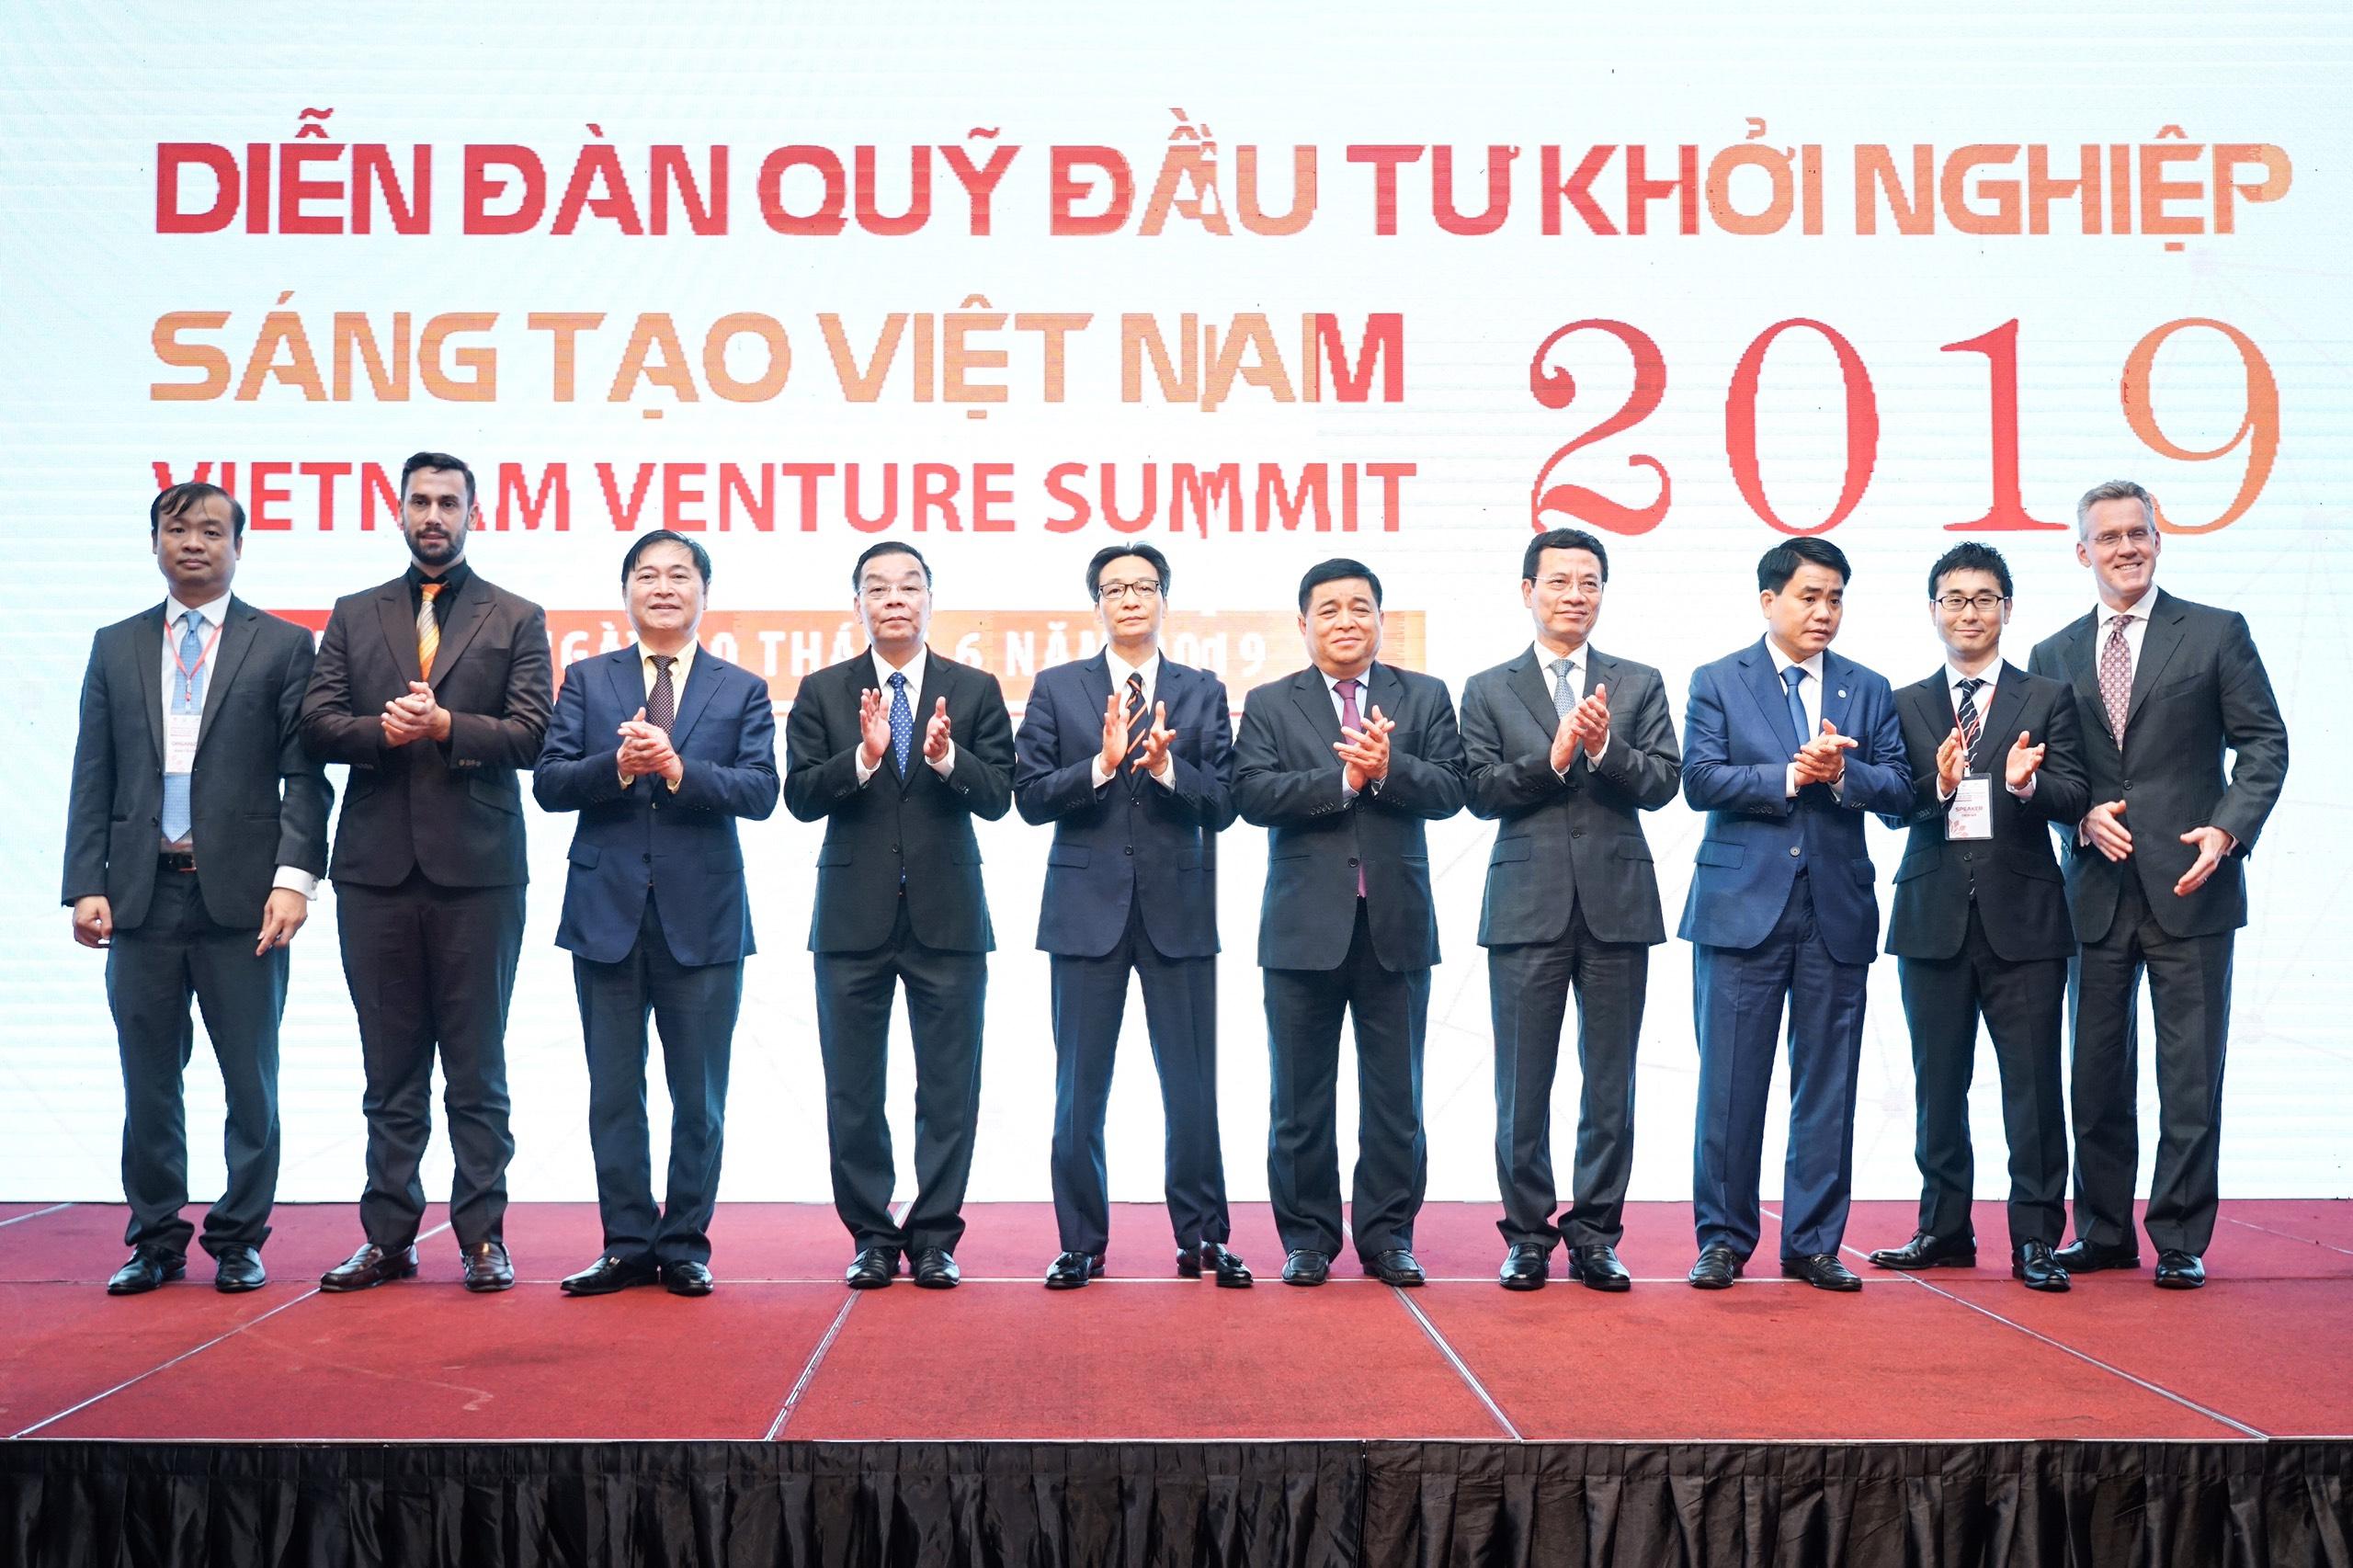 Diễn đàn Quỹ đầu tư khởi nghiệp sáng tạo Việt Nam 2019